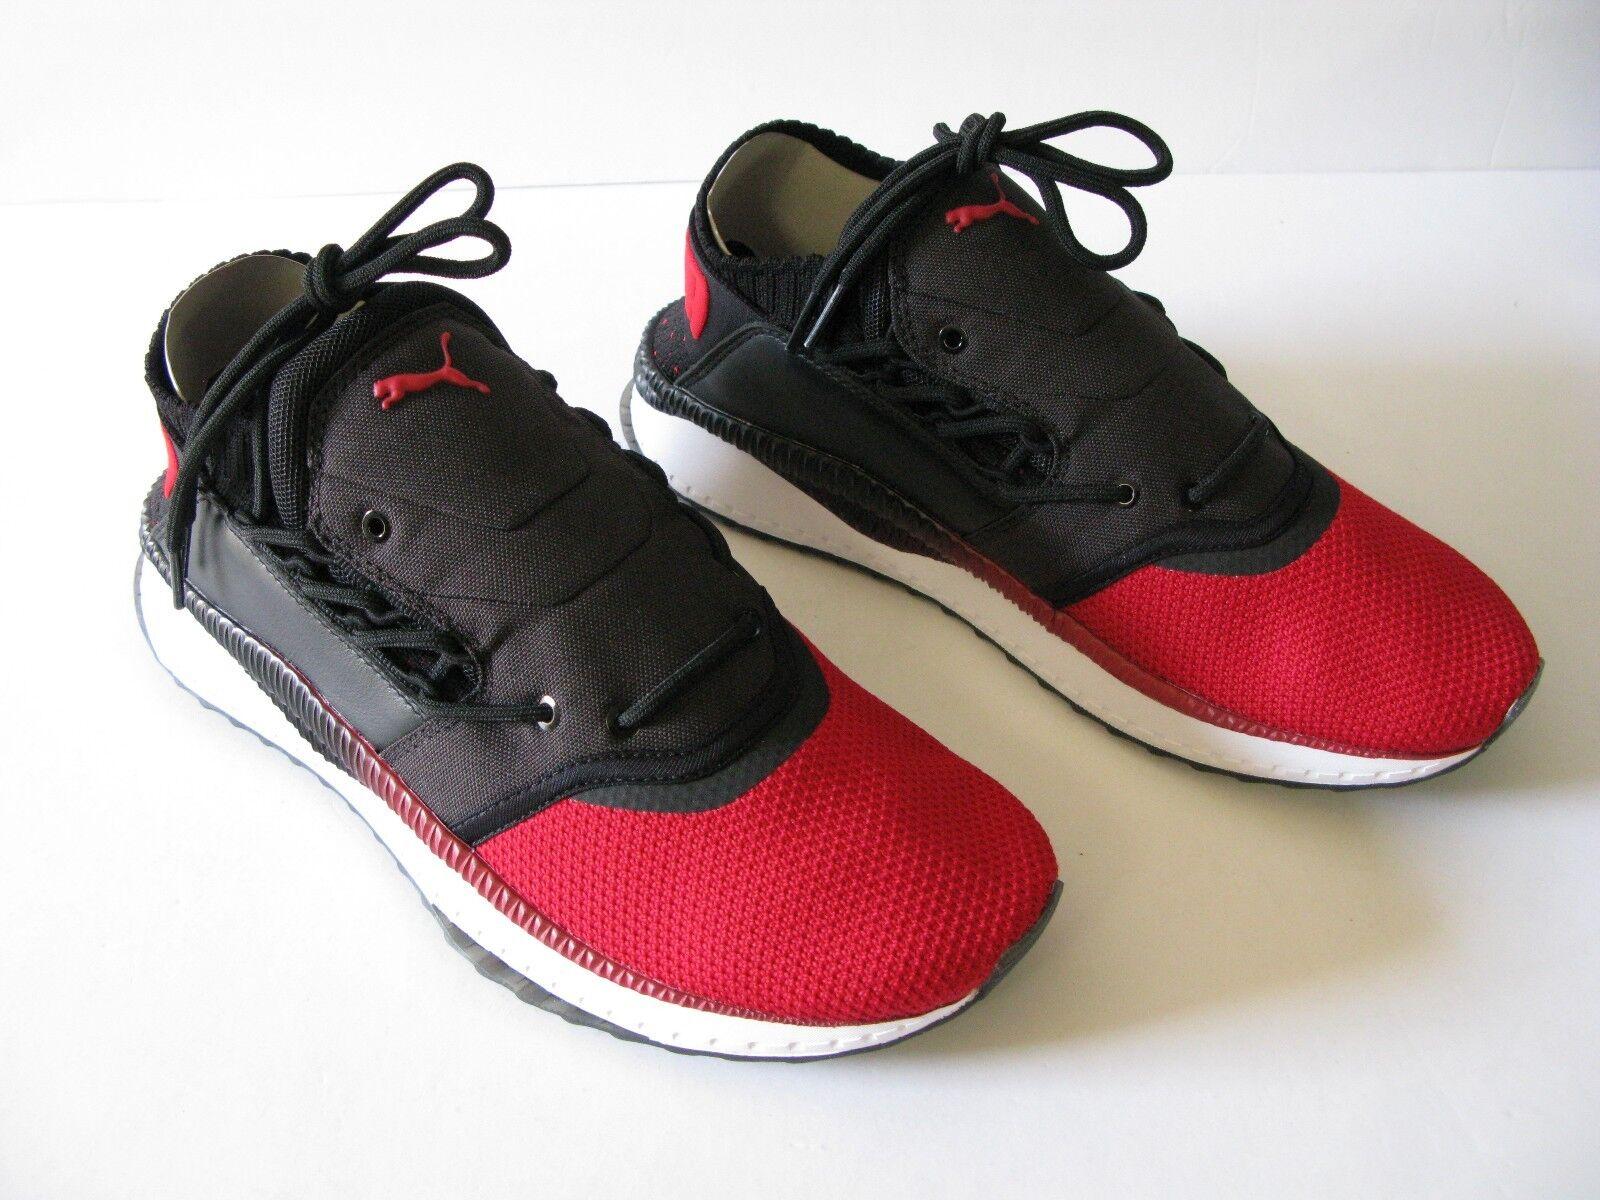 PUMA Tsugi Shinsei Nido Athletic Sneaker Black/Red/White Size-10 New in Box